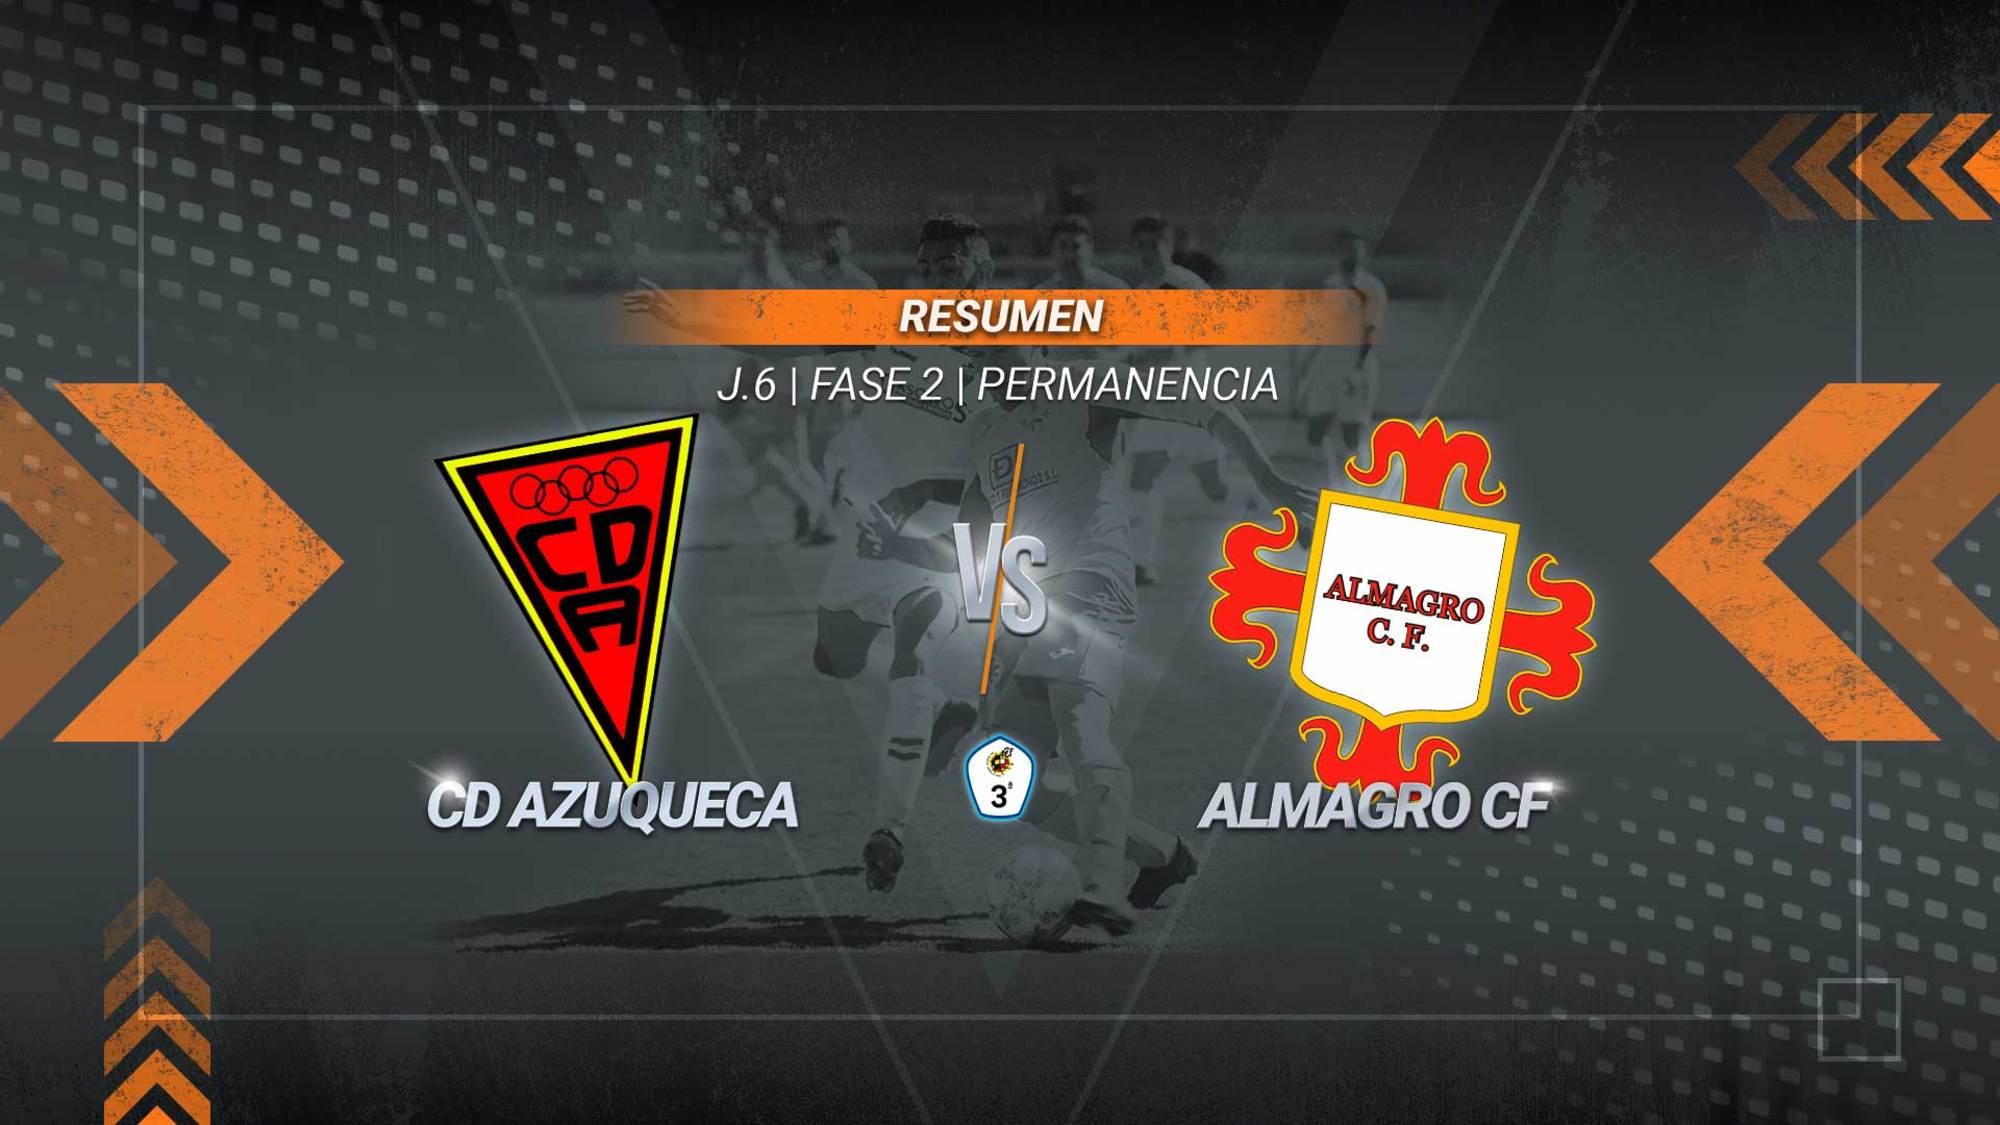 El Azuqueca se impone al Almagro 4-2 en el partido aplazado correspondiente a la sexta jornada del grupo de permanencia. La victoria de los azudenses les deja más líderes con 43 puntos. El Almagro es colista, pero todavía le quedan tres partidos más.